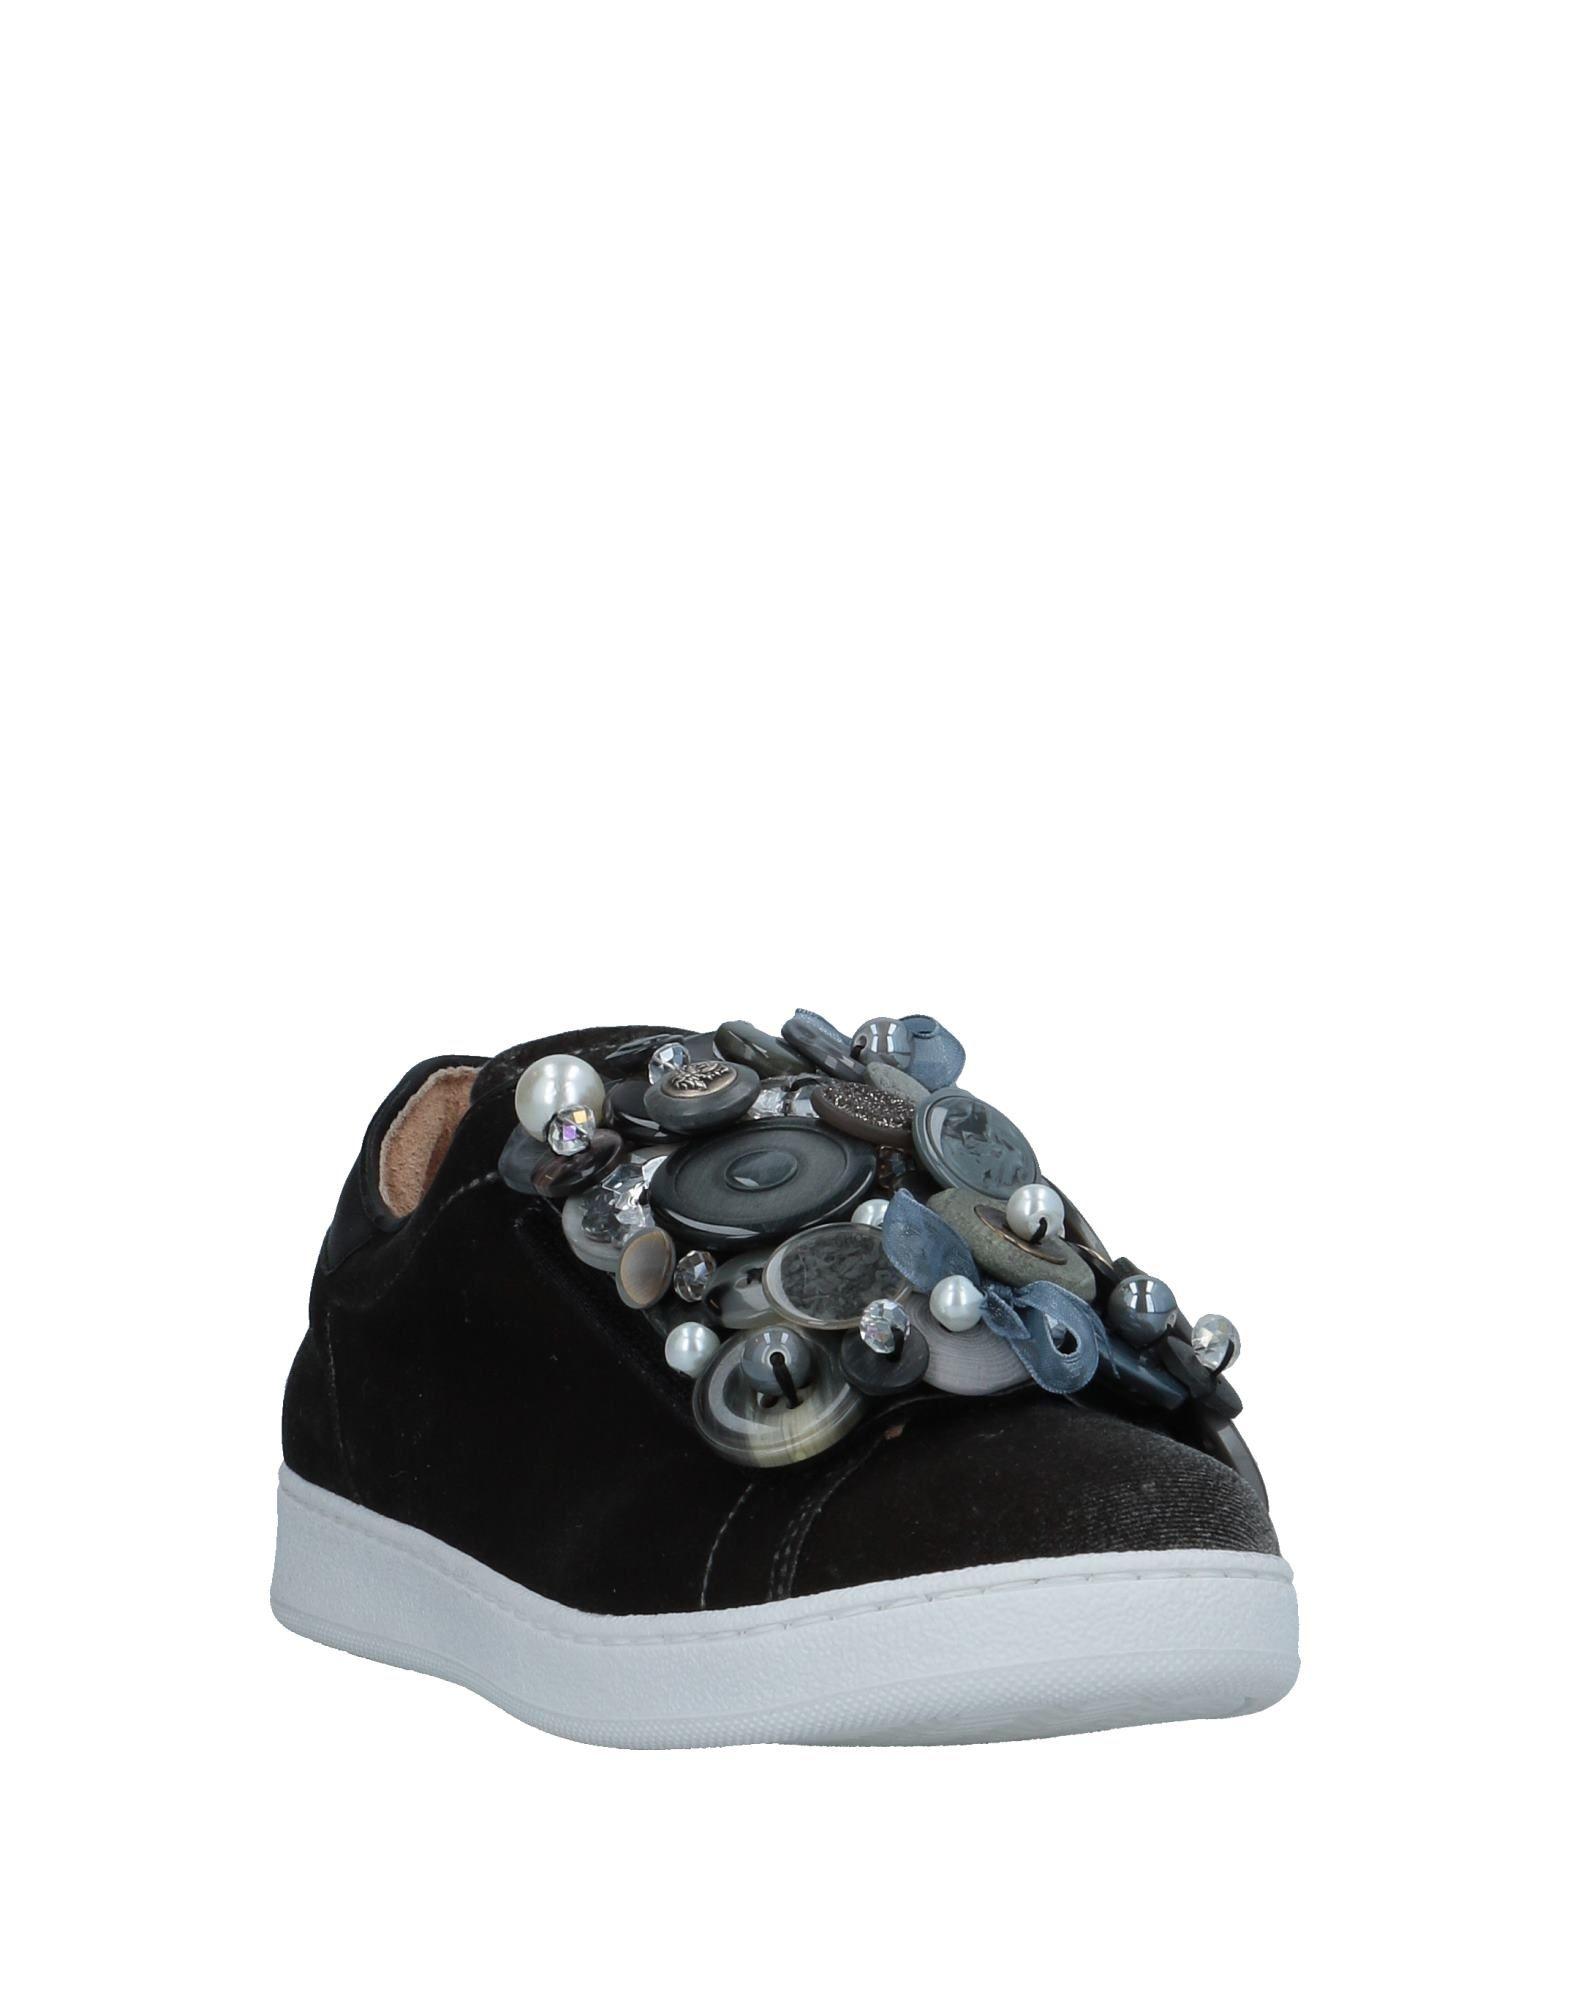 Pokemaoke Sneakers Sneakers Sneakers - Women Pokemaoke Sneakers online on  Canada - 11526981BH 041419